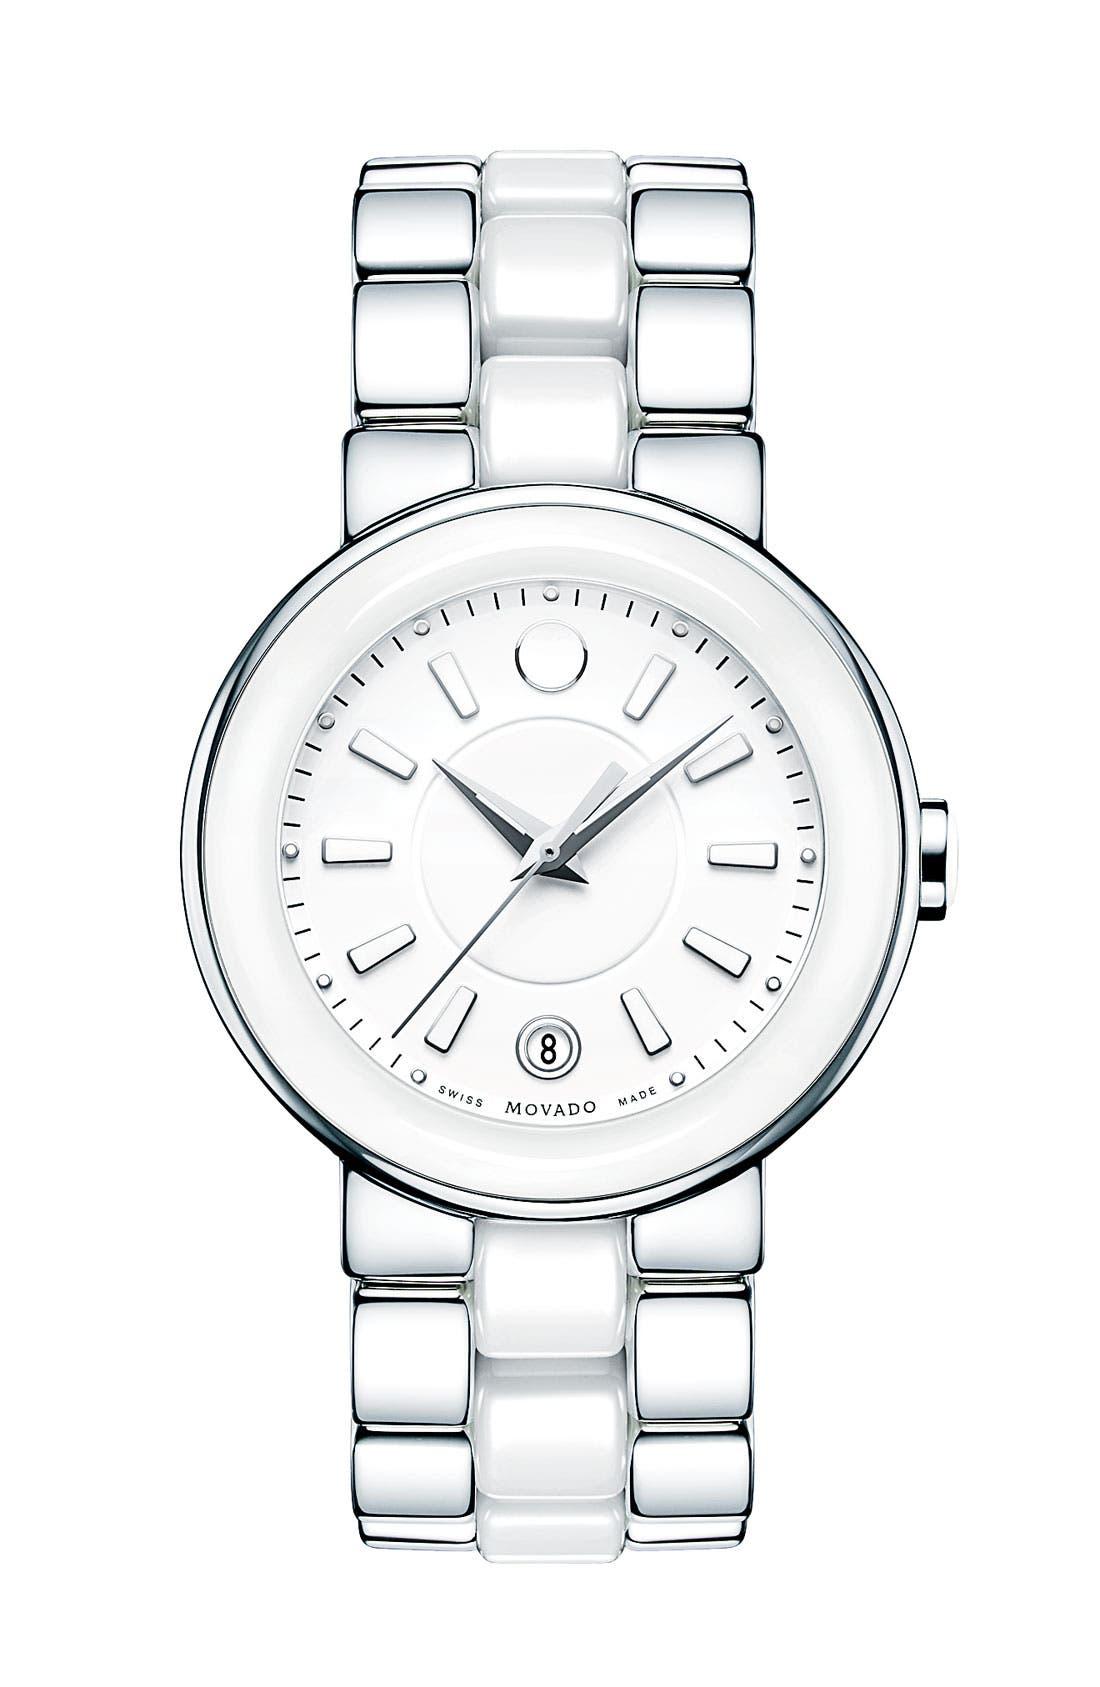 Alternate Image 1 Selected - Movado 'Cerena' Ceramic & Steel Bracelet Watch, 36mm